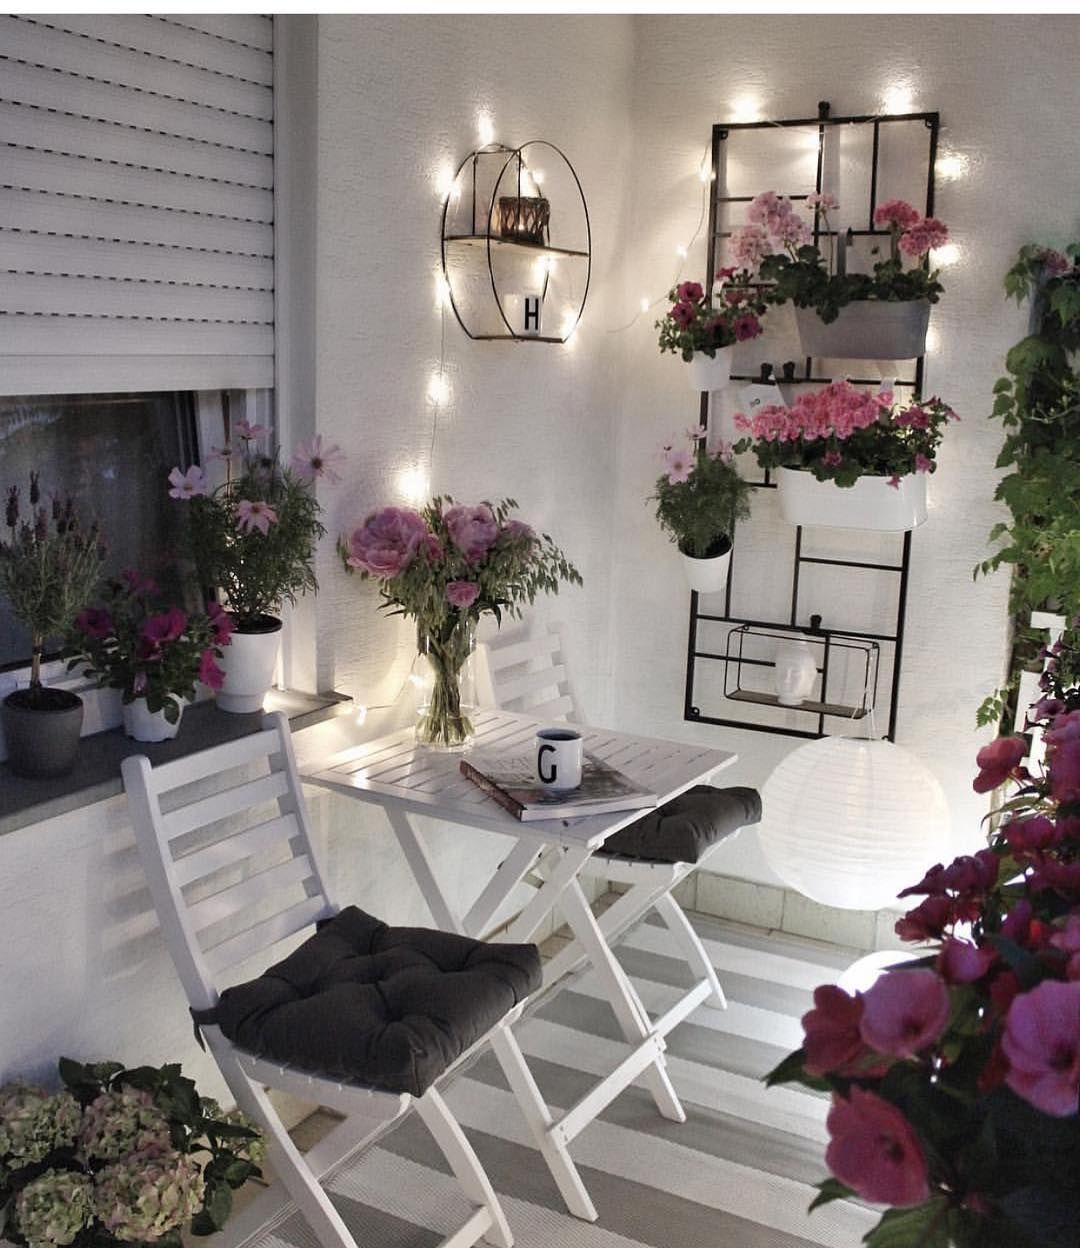 20 Inspiring Balcony Decorating Ideas: Der Perfekte Ort Für Eine Kleine Auszeit 😍